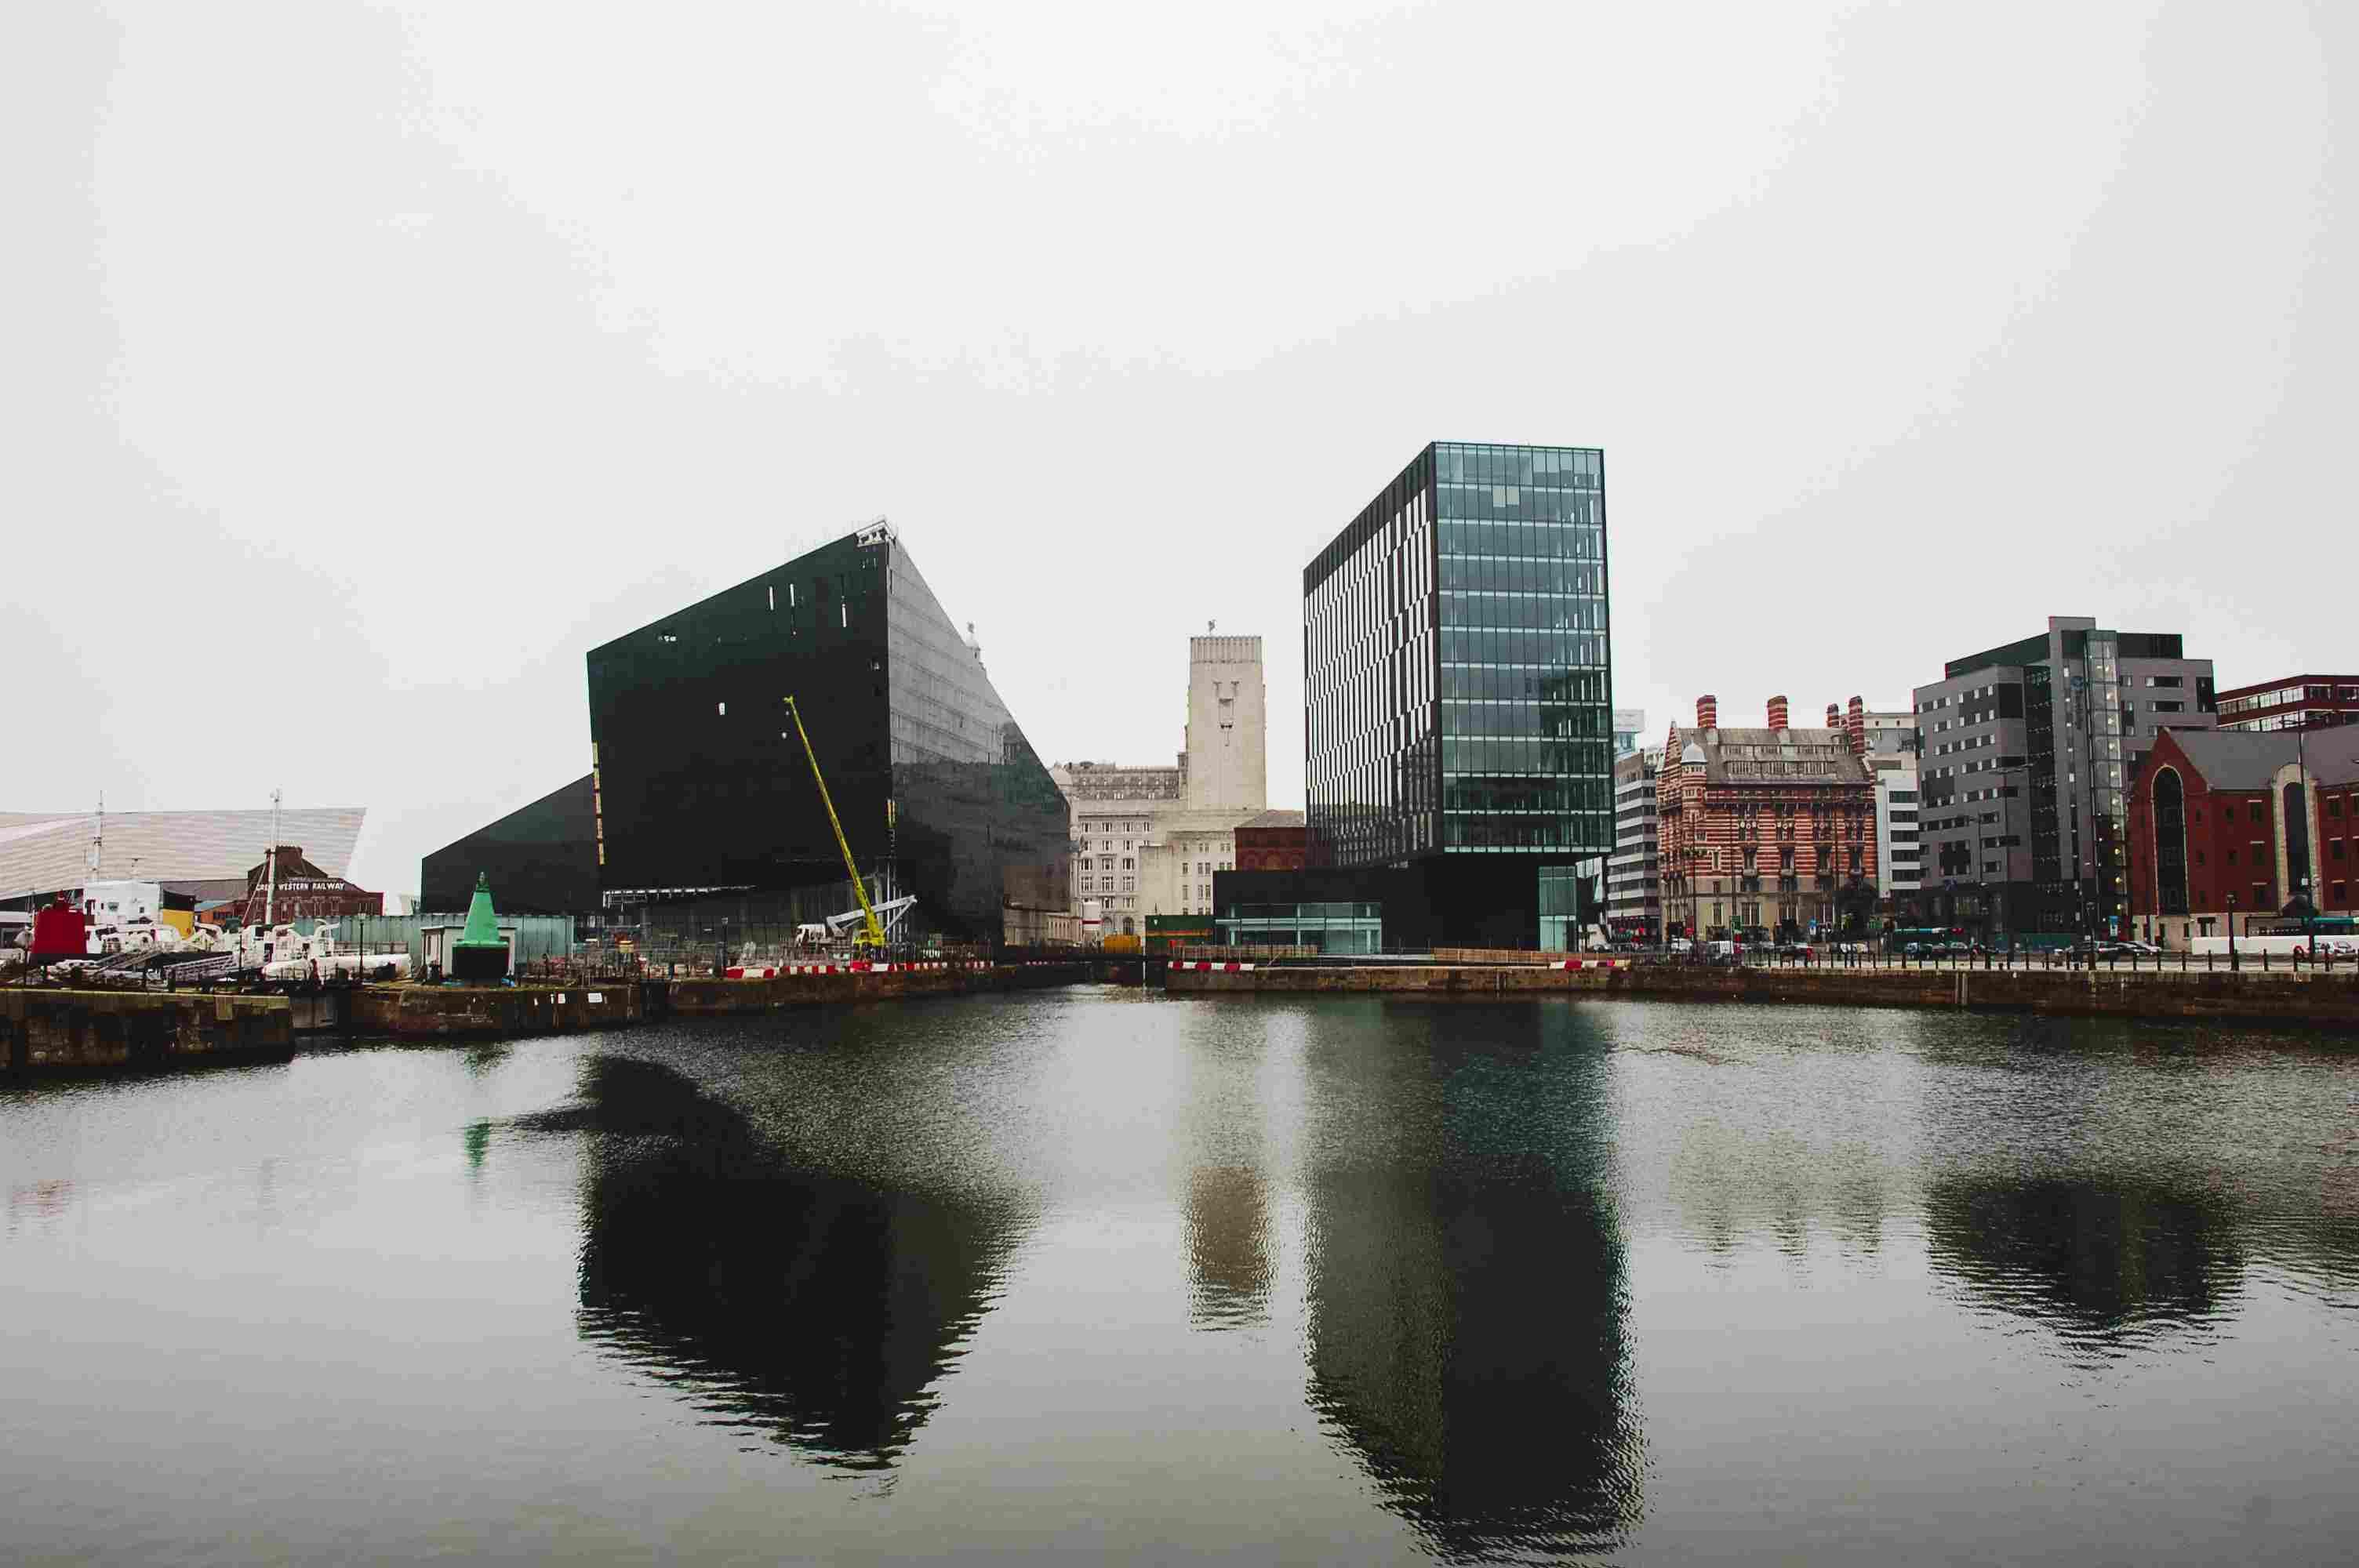 Arquitectura de la ciudad de Liverpool